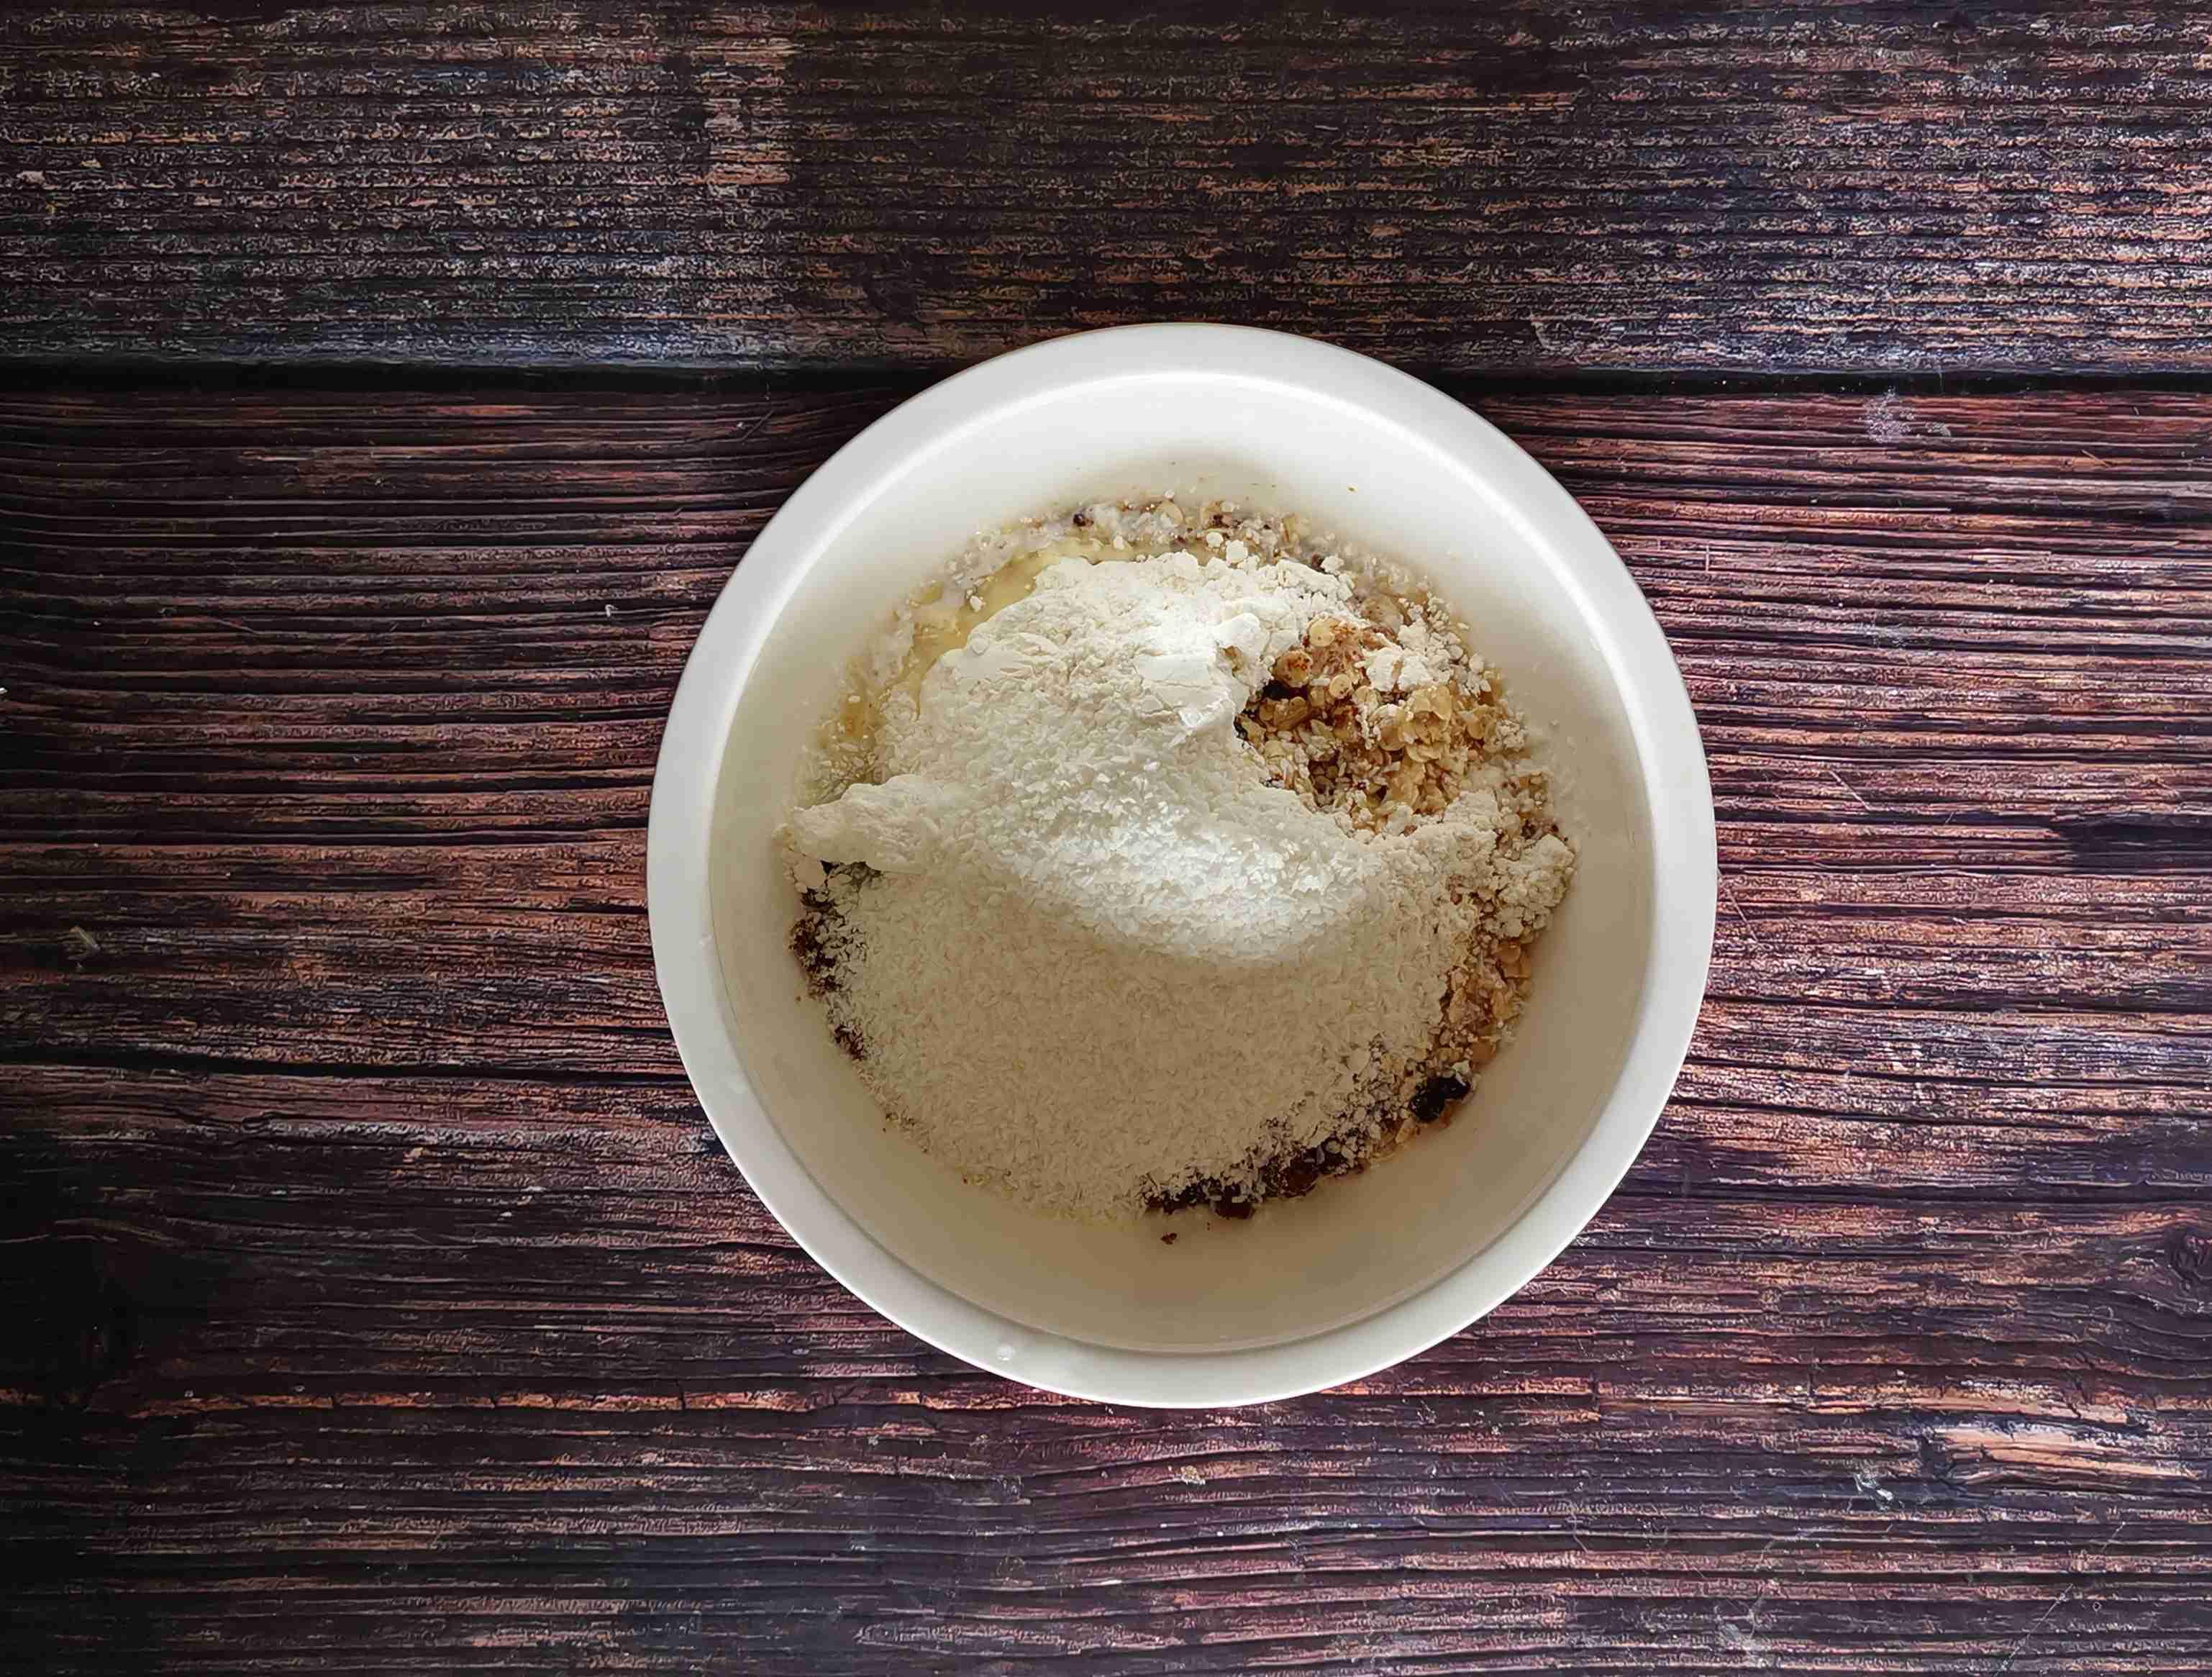 椰蓉燕麦饼干的做法图解